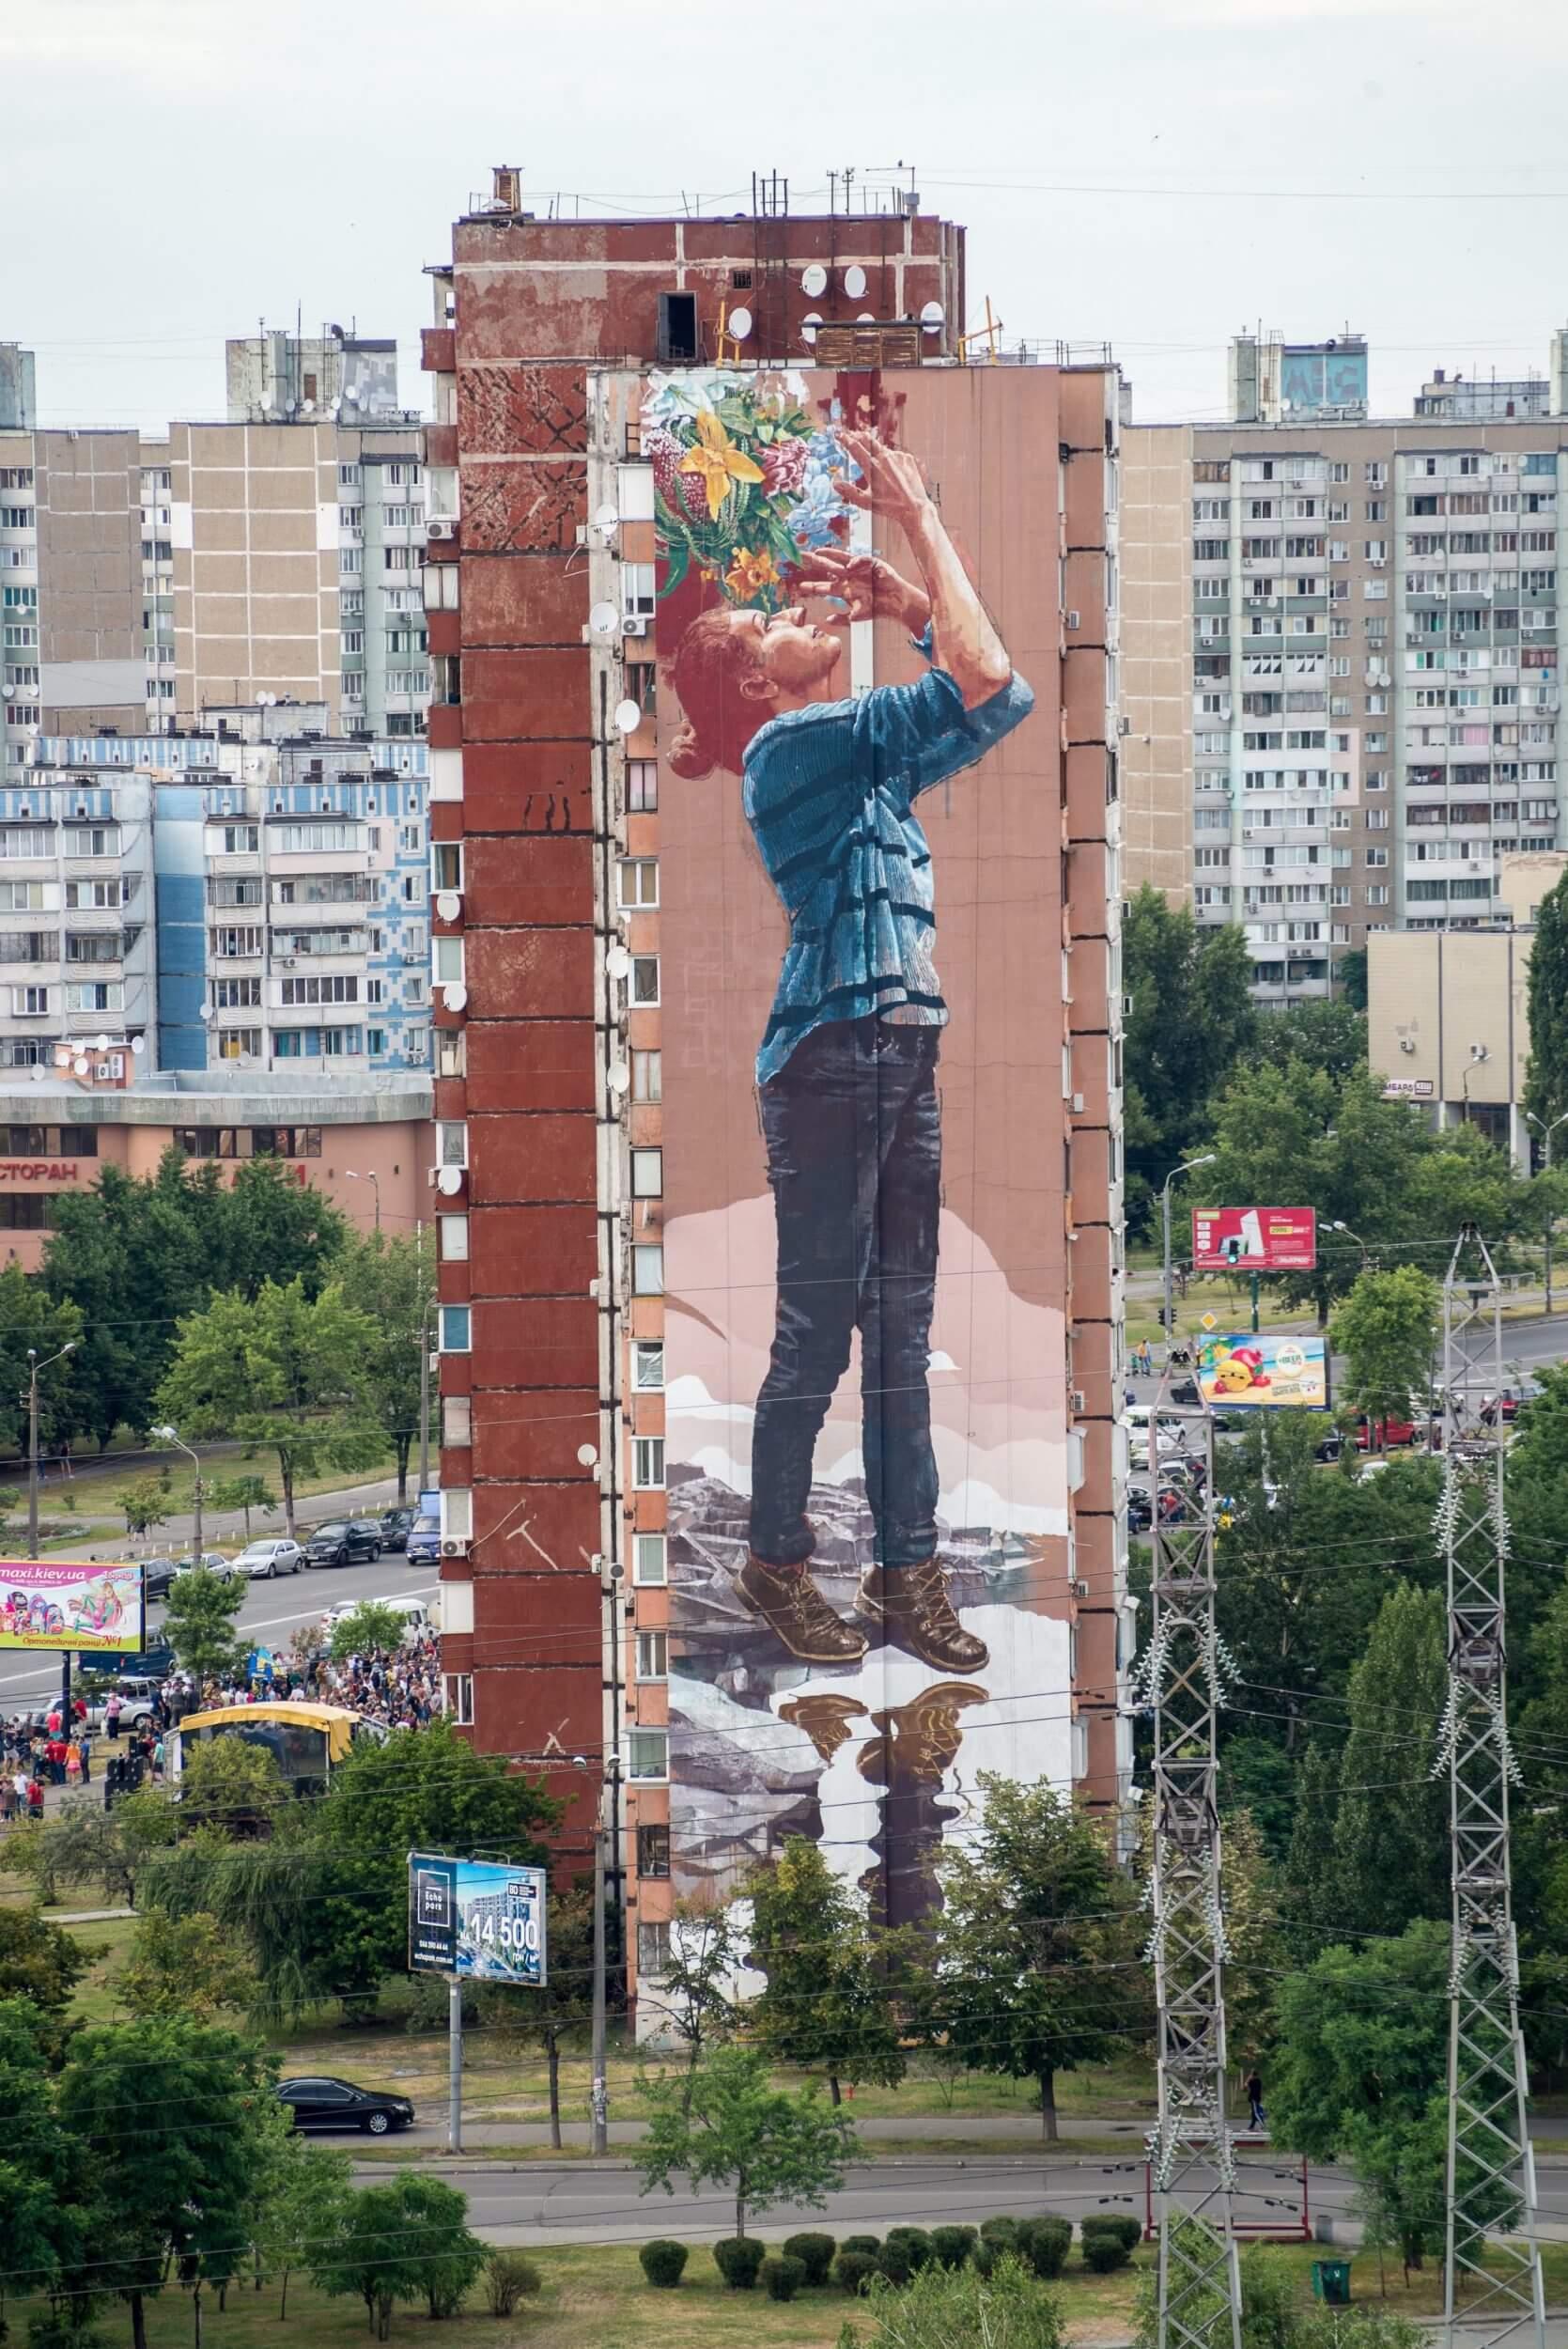 Mural Social Club Art Festival, Kiev, Ukraine 2016